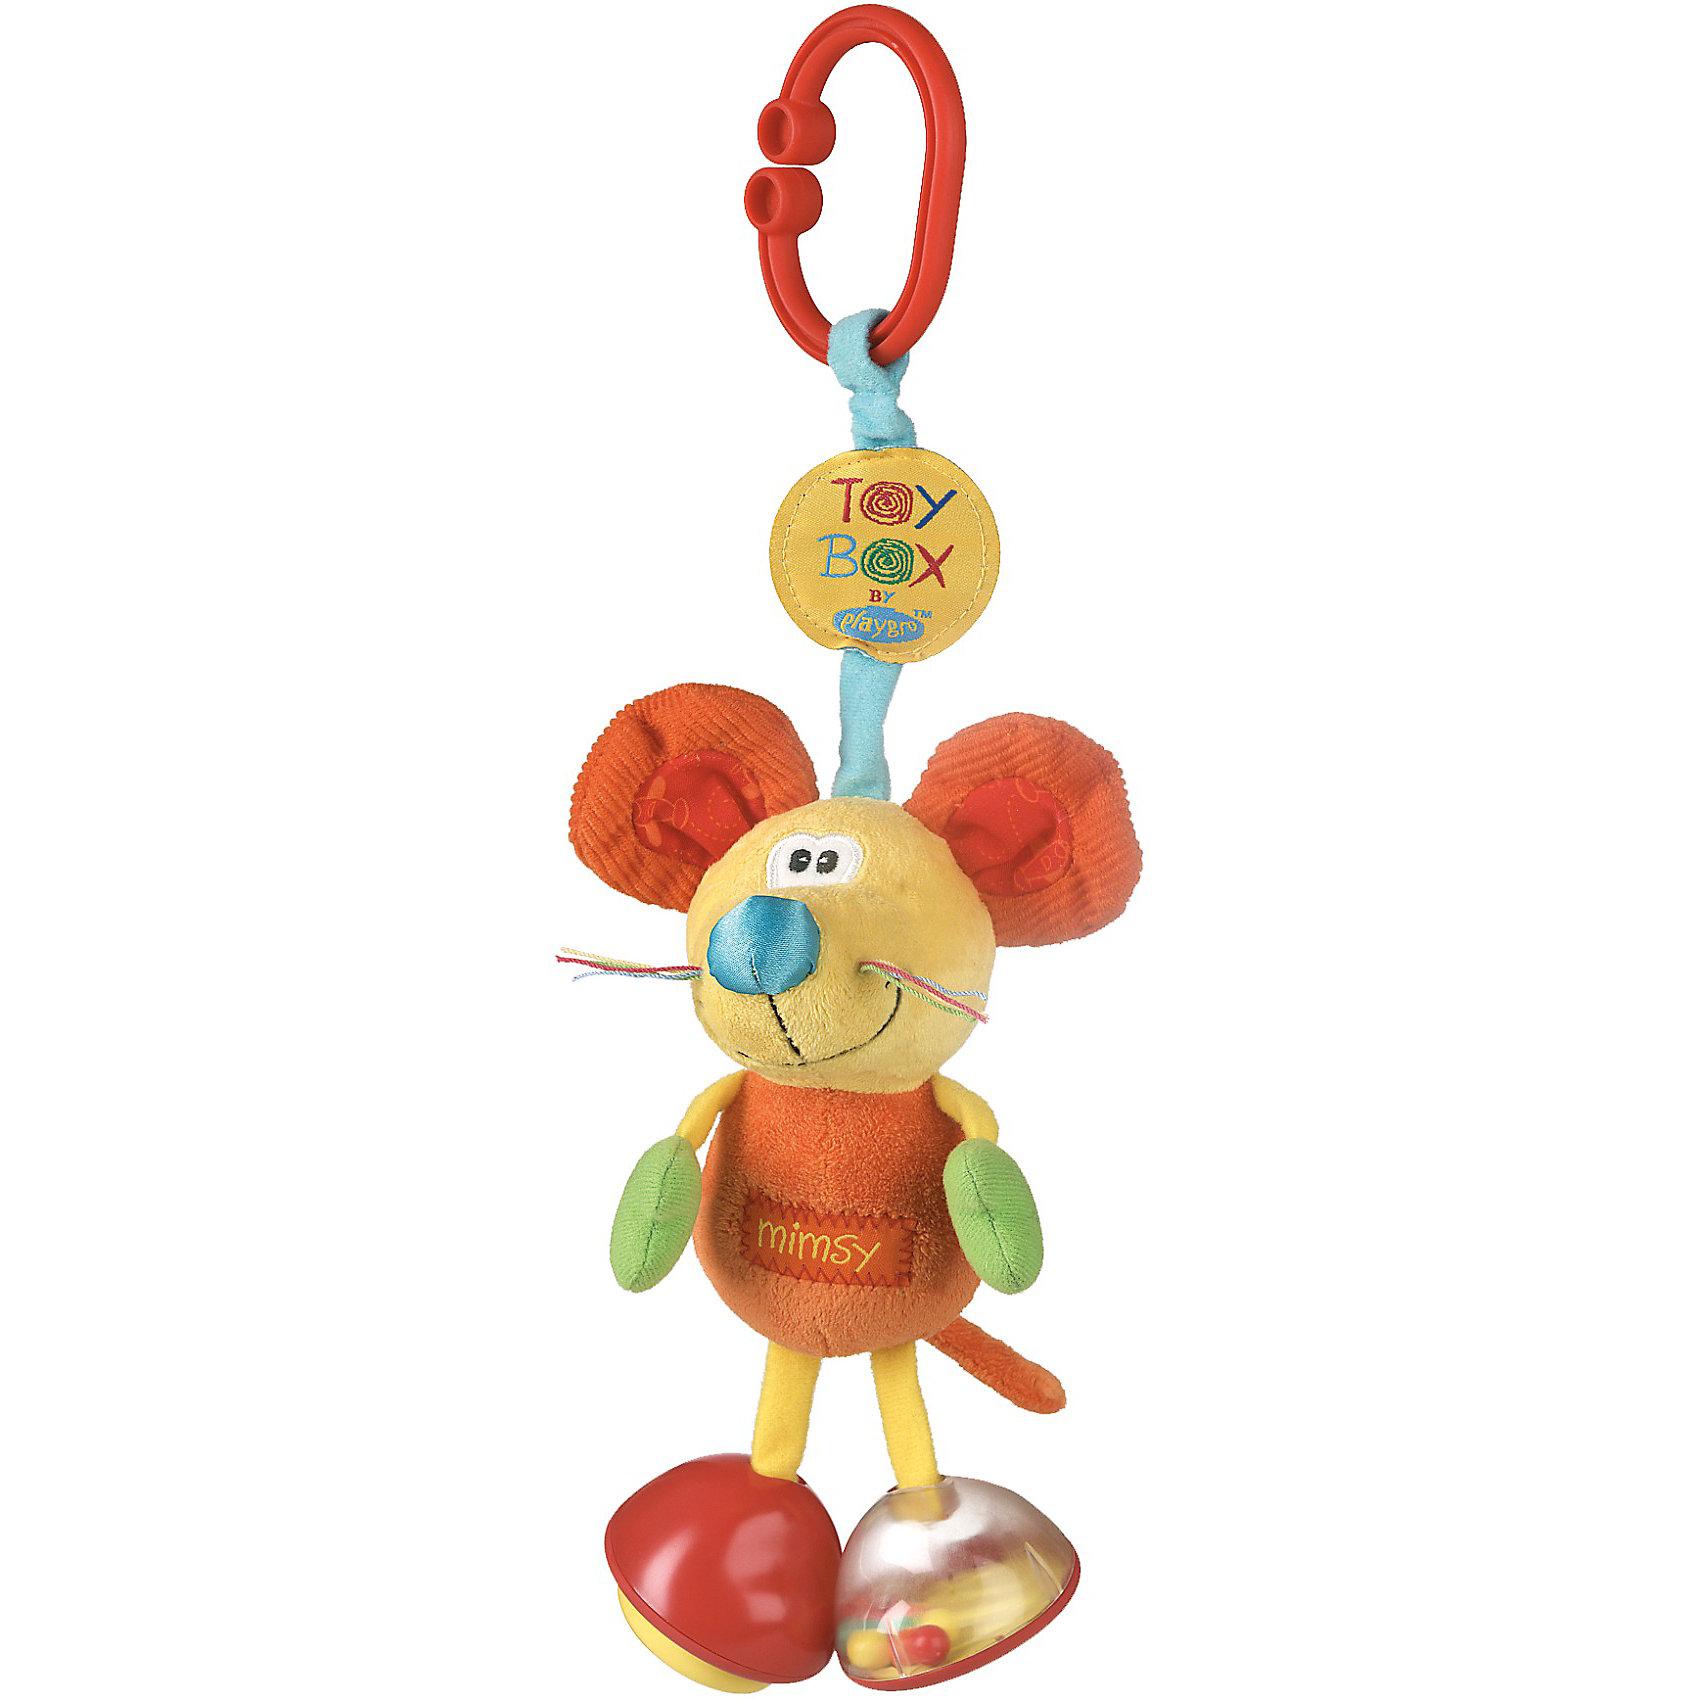 Мягкая игрушка-подвеска, PlaygroМягкие игрушки<br>Мягкая игрушка-подвеска, Playgro (Плейгро) – эта яркая, красивая игрушка-подвеска обязательно привлечет внимание Вашего малыша.<br>Мягкая игрушка-подвеска в виде милой мышки выполнена из разной по фактуре ткани. Ножки мышки представляют собой погремушку и пищалку, лапы и ушки оснащены шуршащими вставками. Подвеска легко крепится на любой тип коляски с помощью большого зажима. Способствует развитию первичных навыков (внимательности, наблюдательности, мелкой моторики), повышению коэффициента эмоциональности (вызывает улыбку и смех) и познания в целом, вырабатывает у малыша реакцию на звук. Изготовлена из гипоаллергенных и безопасных материалов.<br><br>Дополнительная информация:<br><br>- Для детей с рождения<br>- Размер без зажима: 18 см.<br>- Материал: текстиль, пластик<br><br>Мягкую игрушку-подвеску, Playgro (Плейгро) можно купить в нашем интернет-магазине.<br><br>Ширина мм: 90<br>Глубина мм: 70<br>Высота мм: 160<br>Вес г: 120<br>Возраст от месяцев: 0<br>Возраст до месяцев: 18<br>Пол: Унисекс<br>Возраст: Детский<br>SKU: 3775854